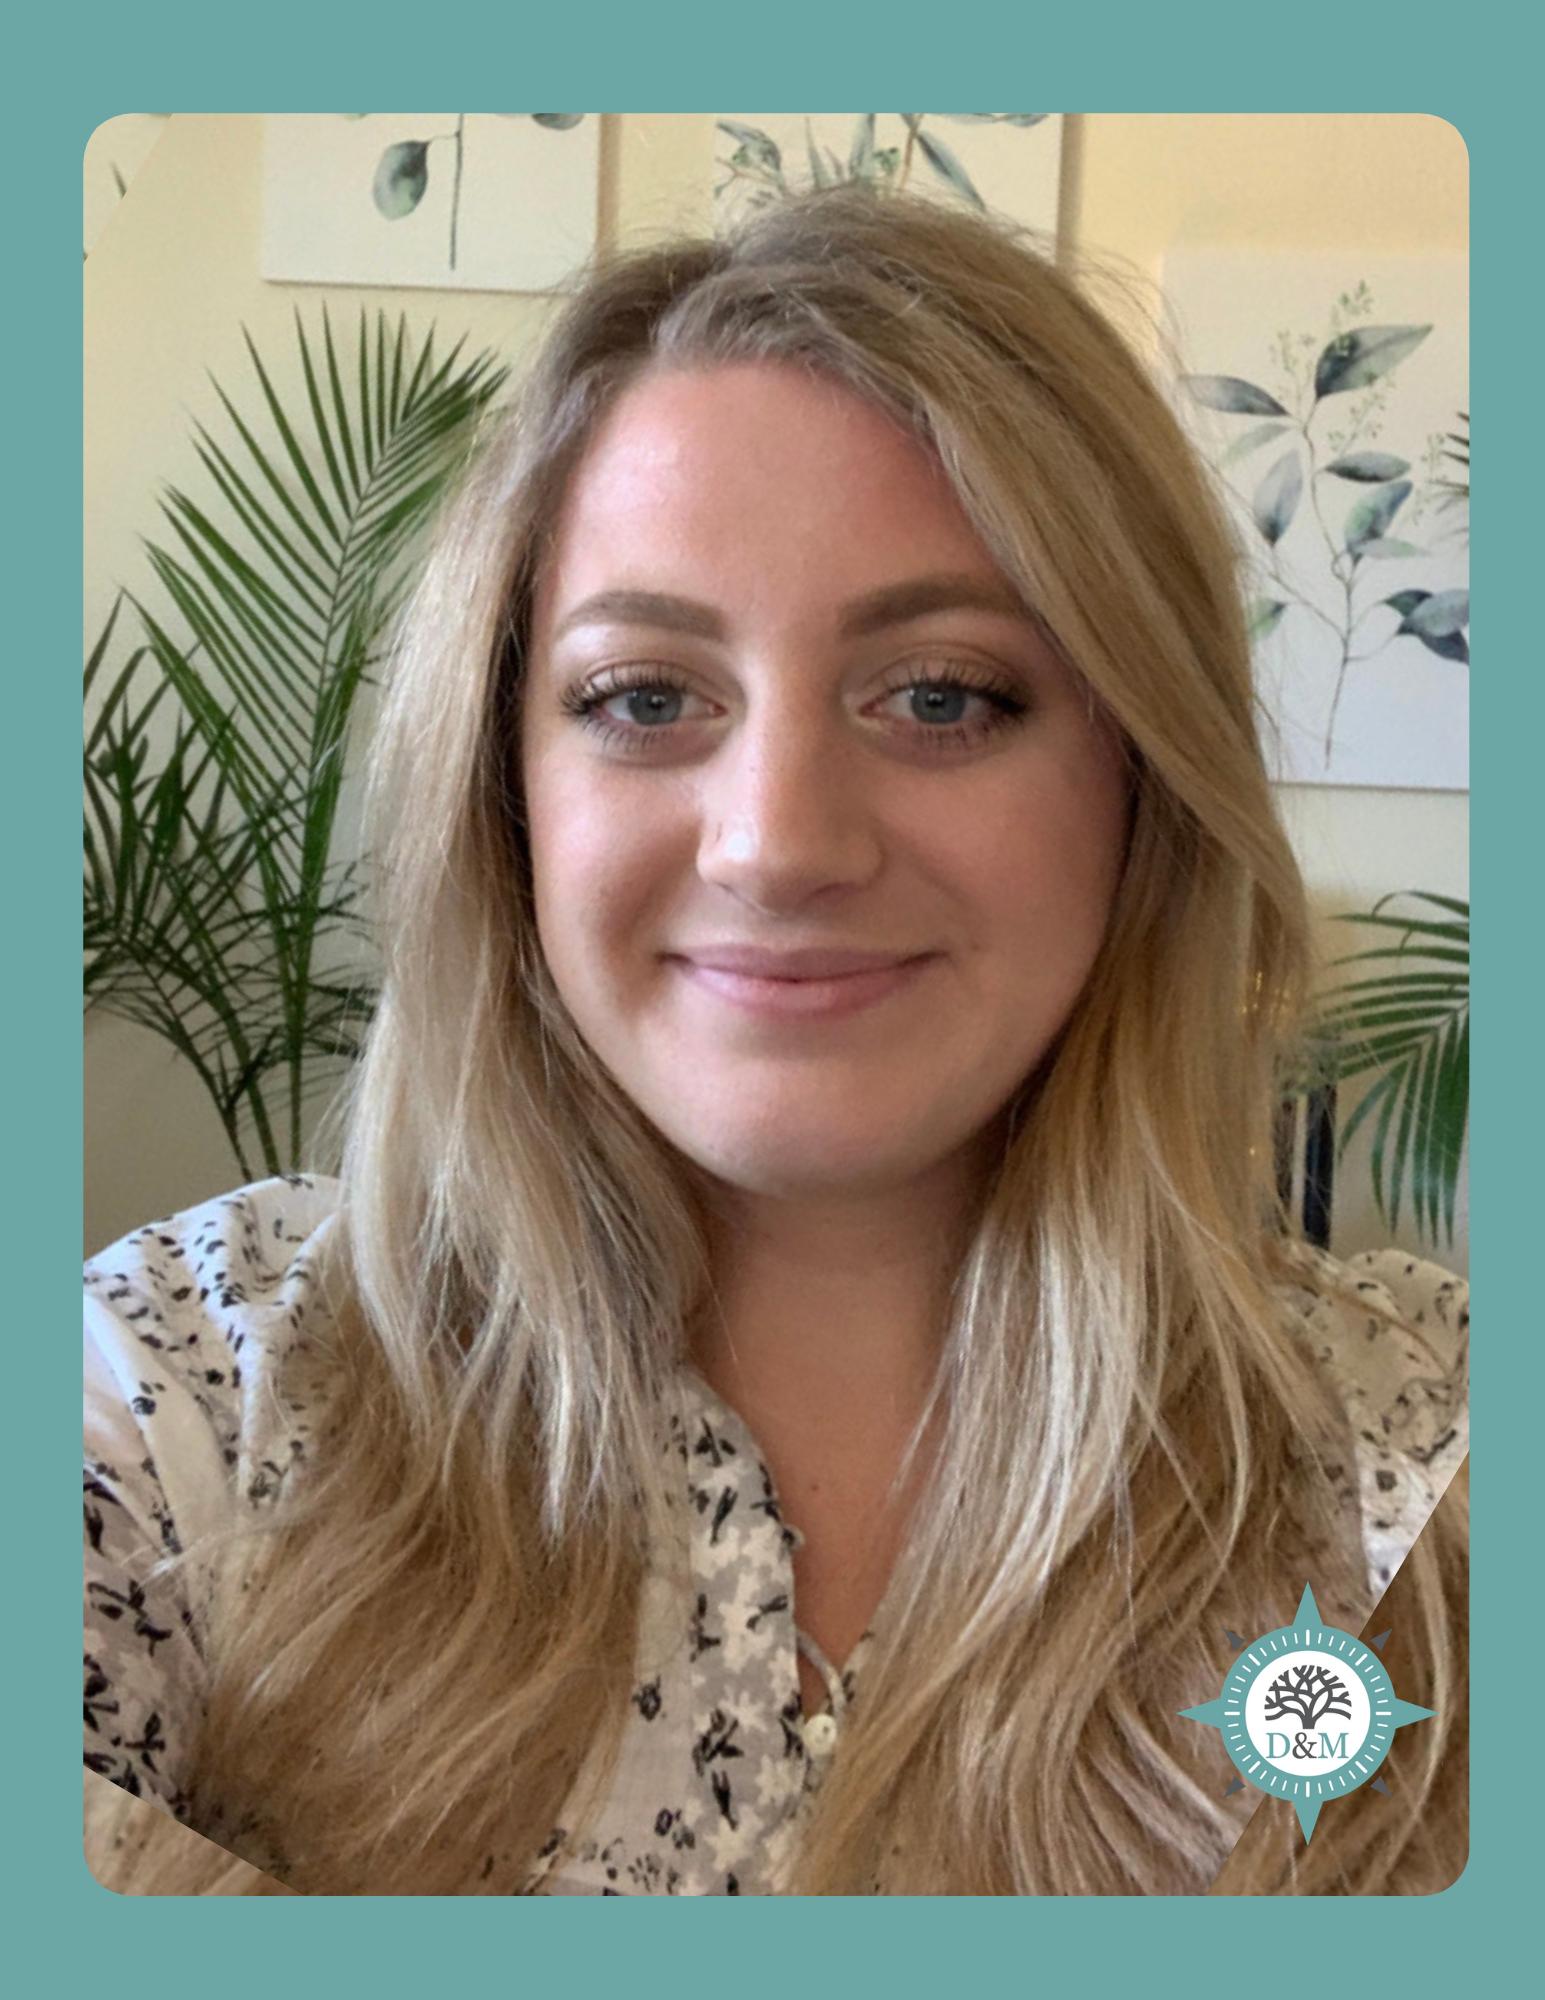 VISTA Volunteer Spotlight: Emily McCool